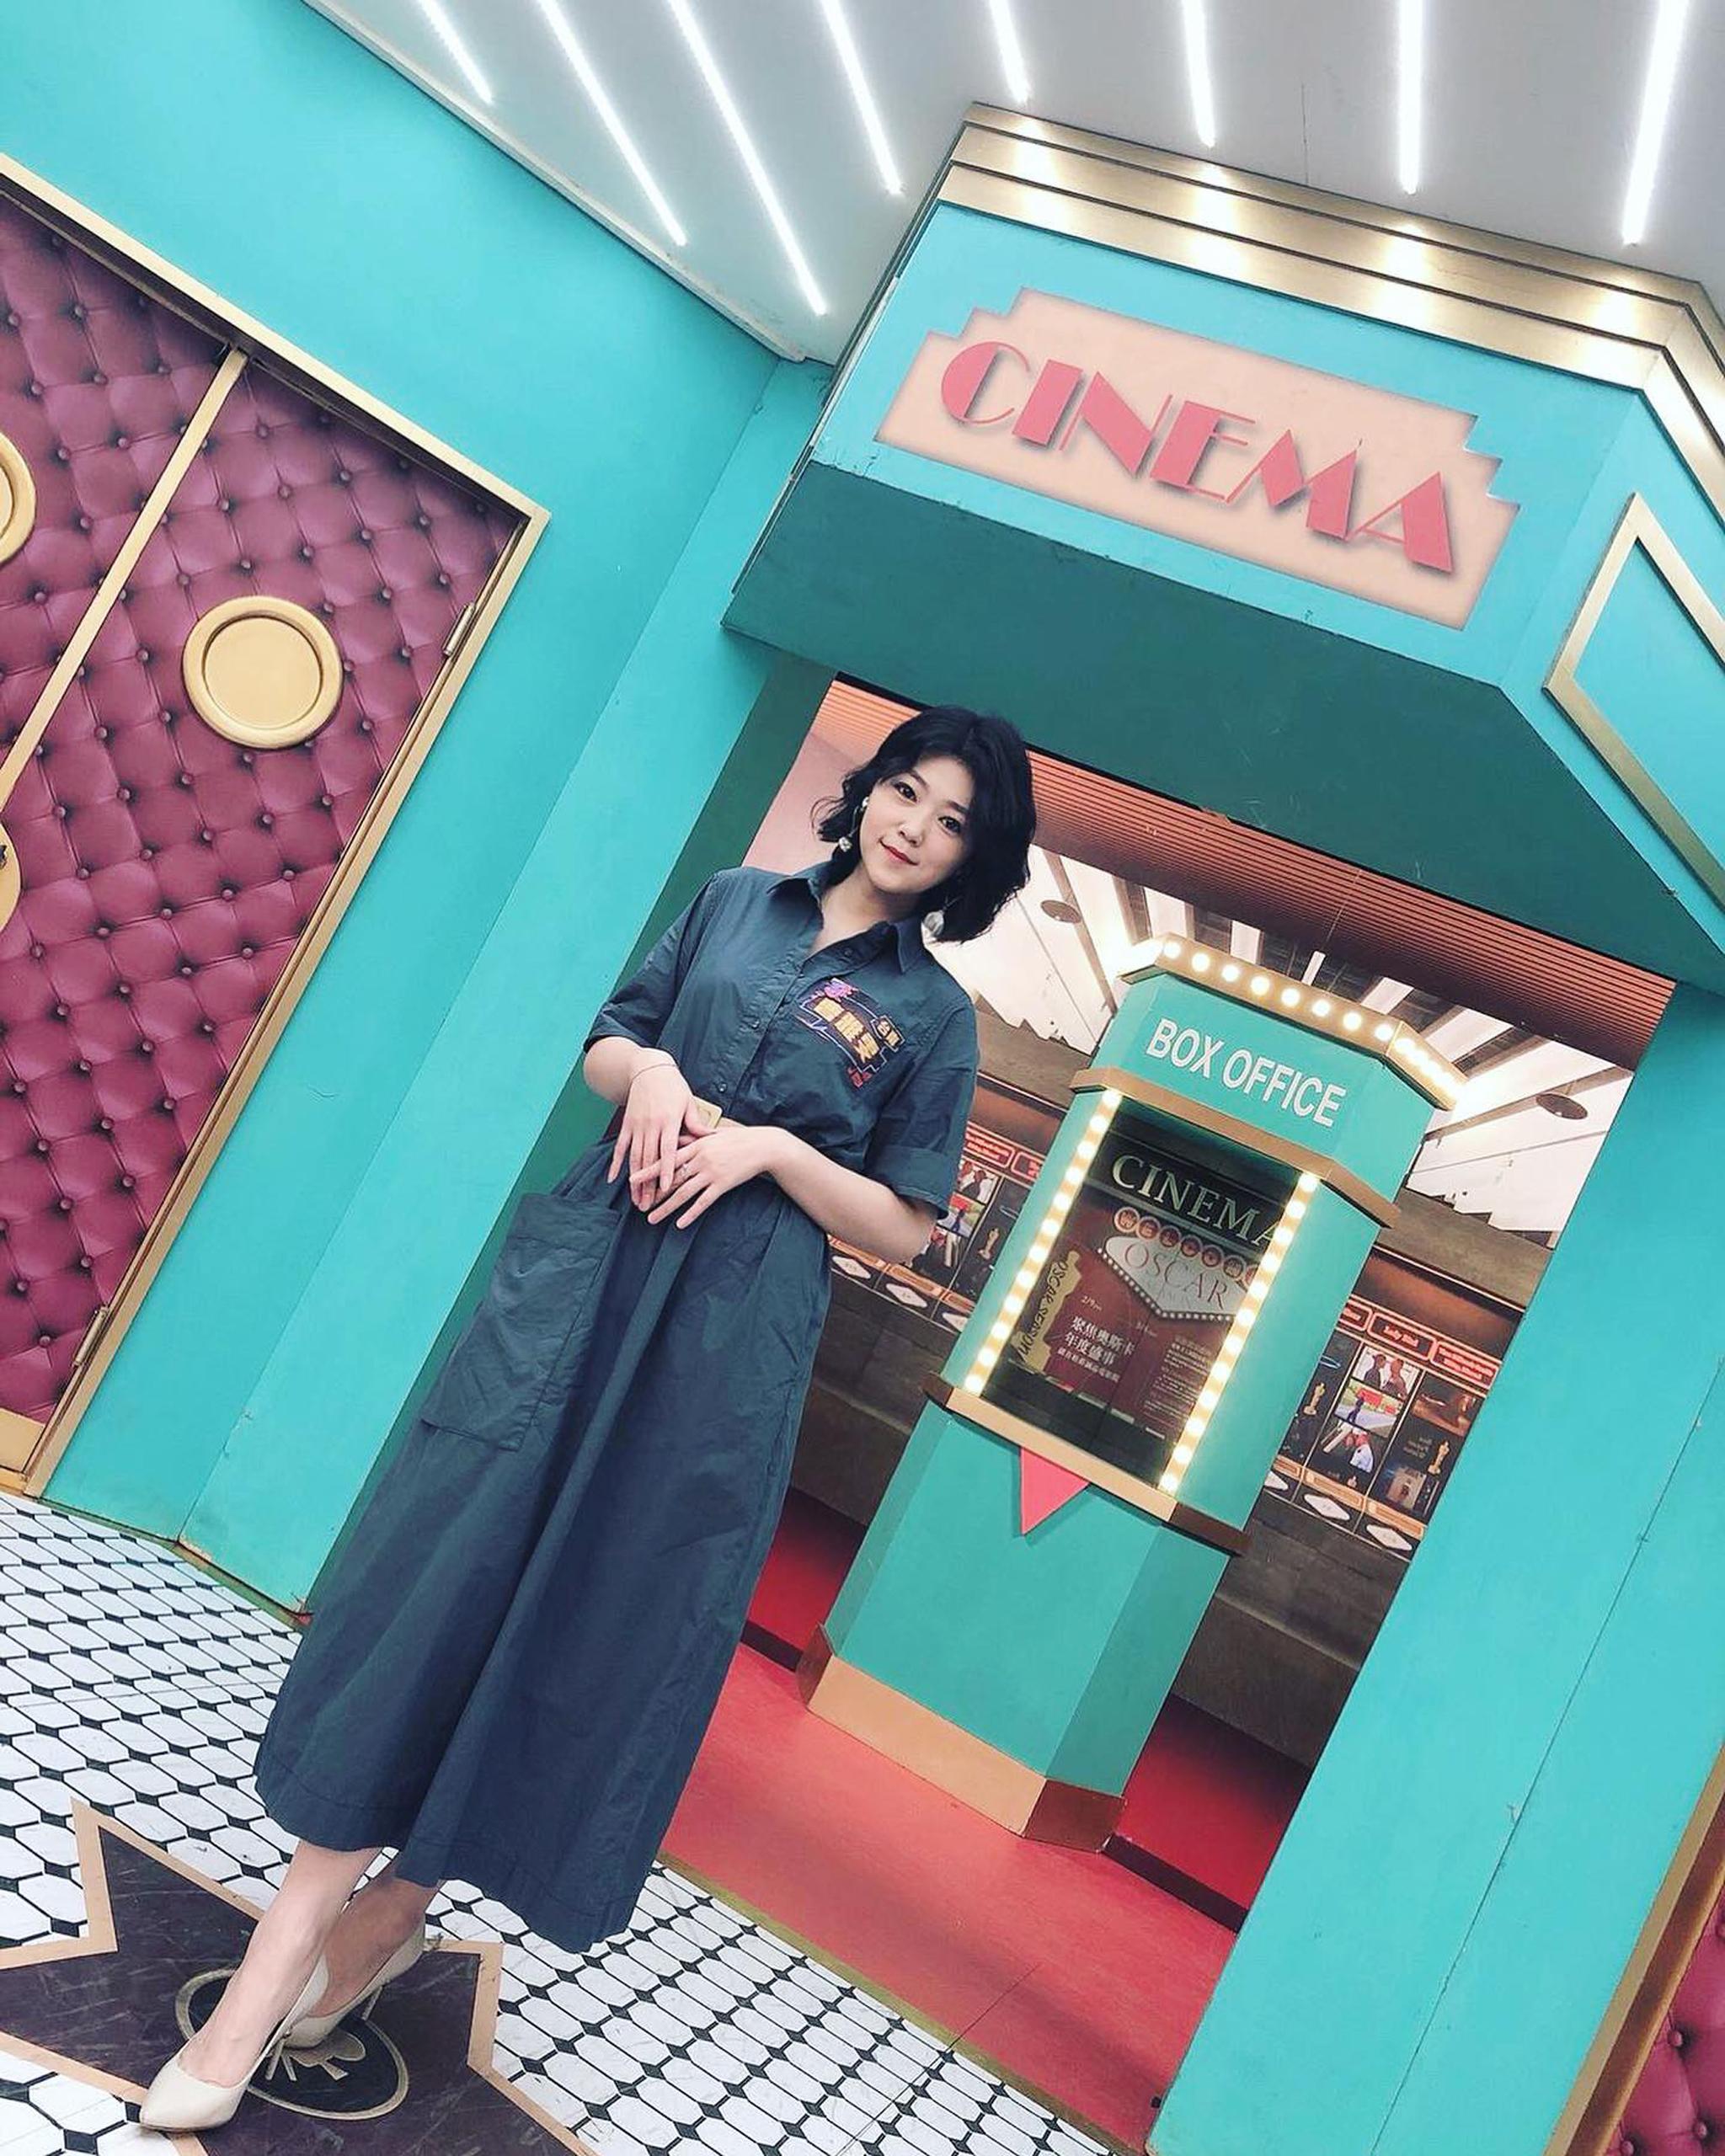 曹雅雯希望能將台語歌的演唱經驗傳承給更多人。